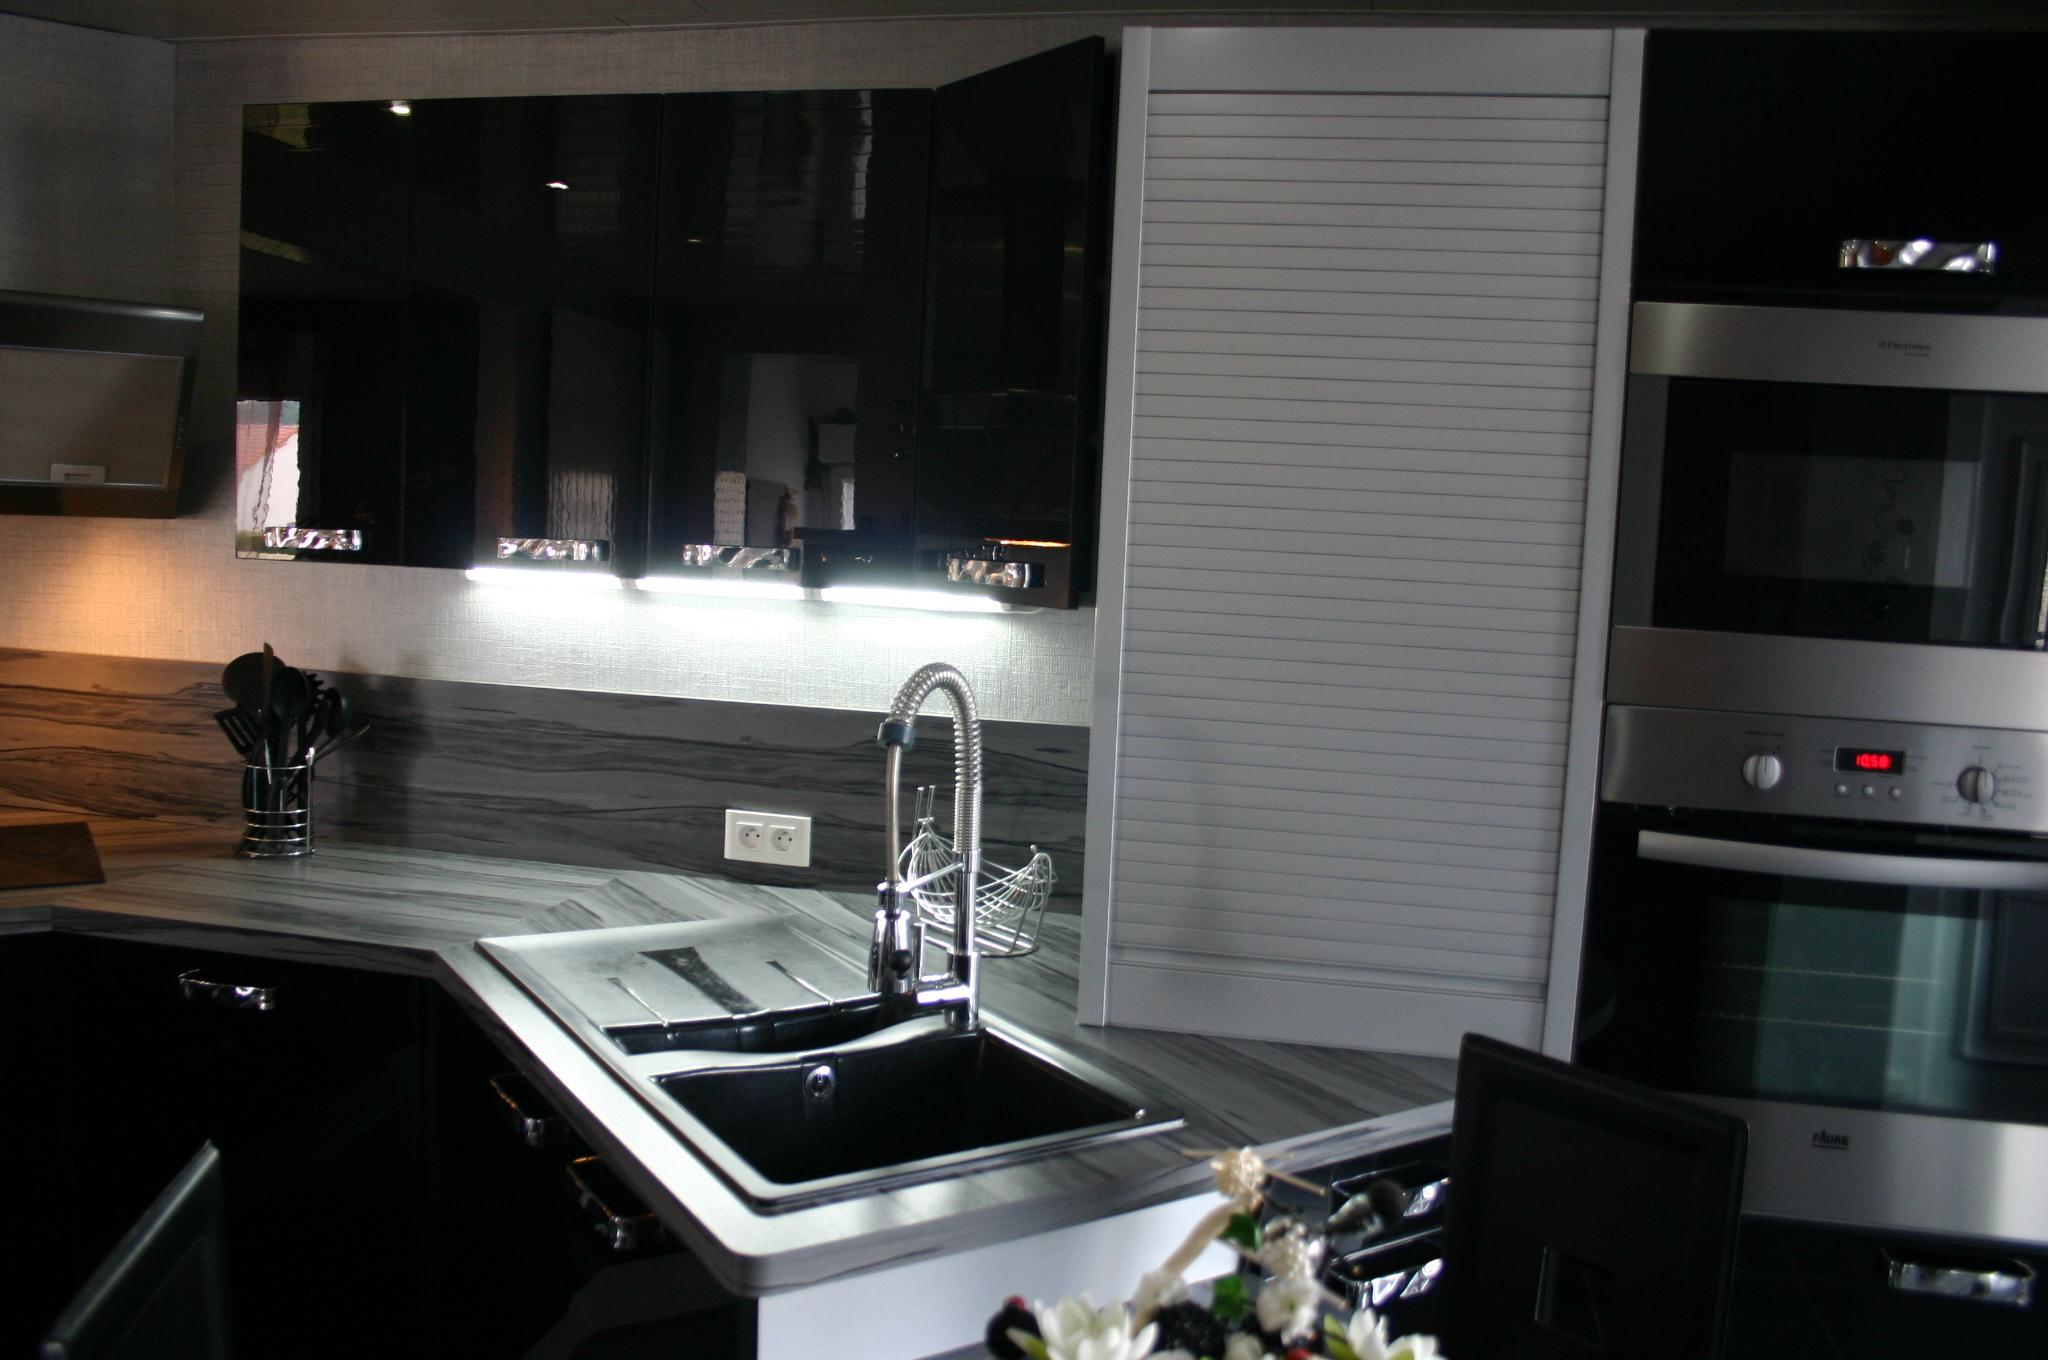 meuble rideau pour cuisine stunning rideau pour meuble de cuisine best of ruecka tringle rideau. Black Bedroom Furniture Sets. Home Design Ideas